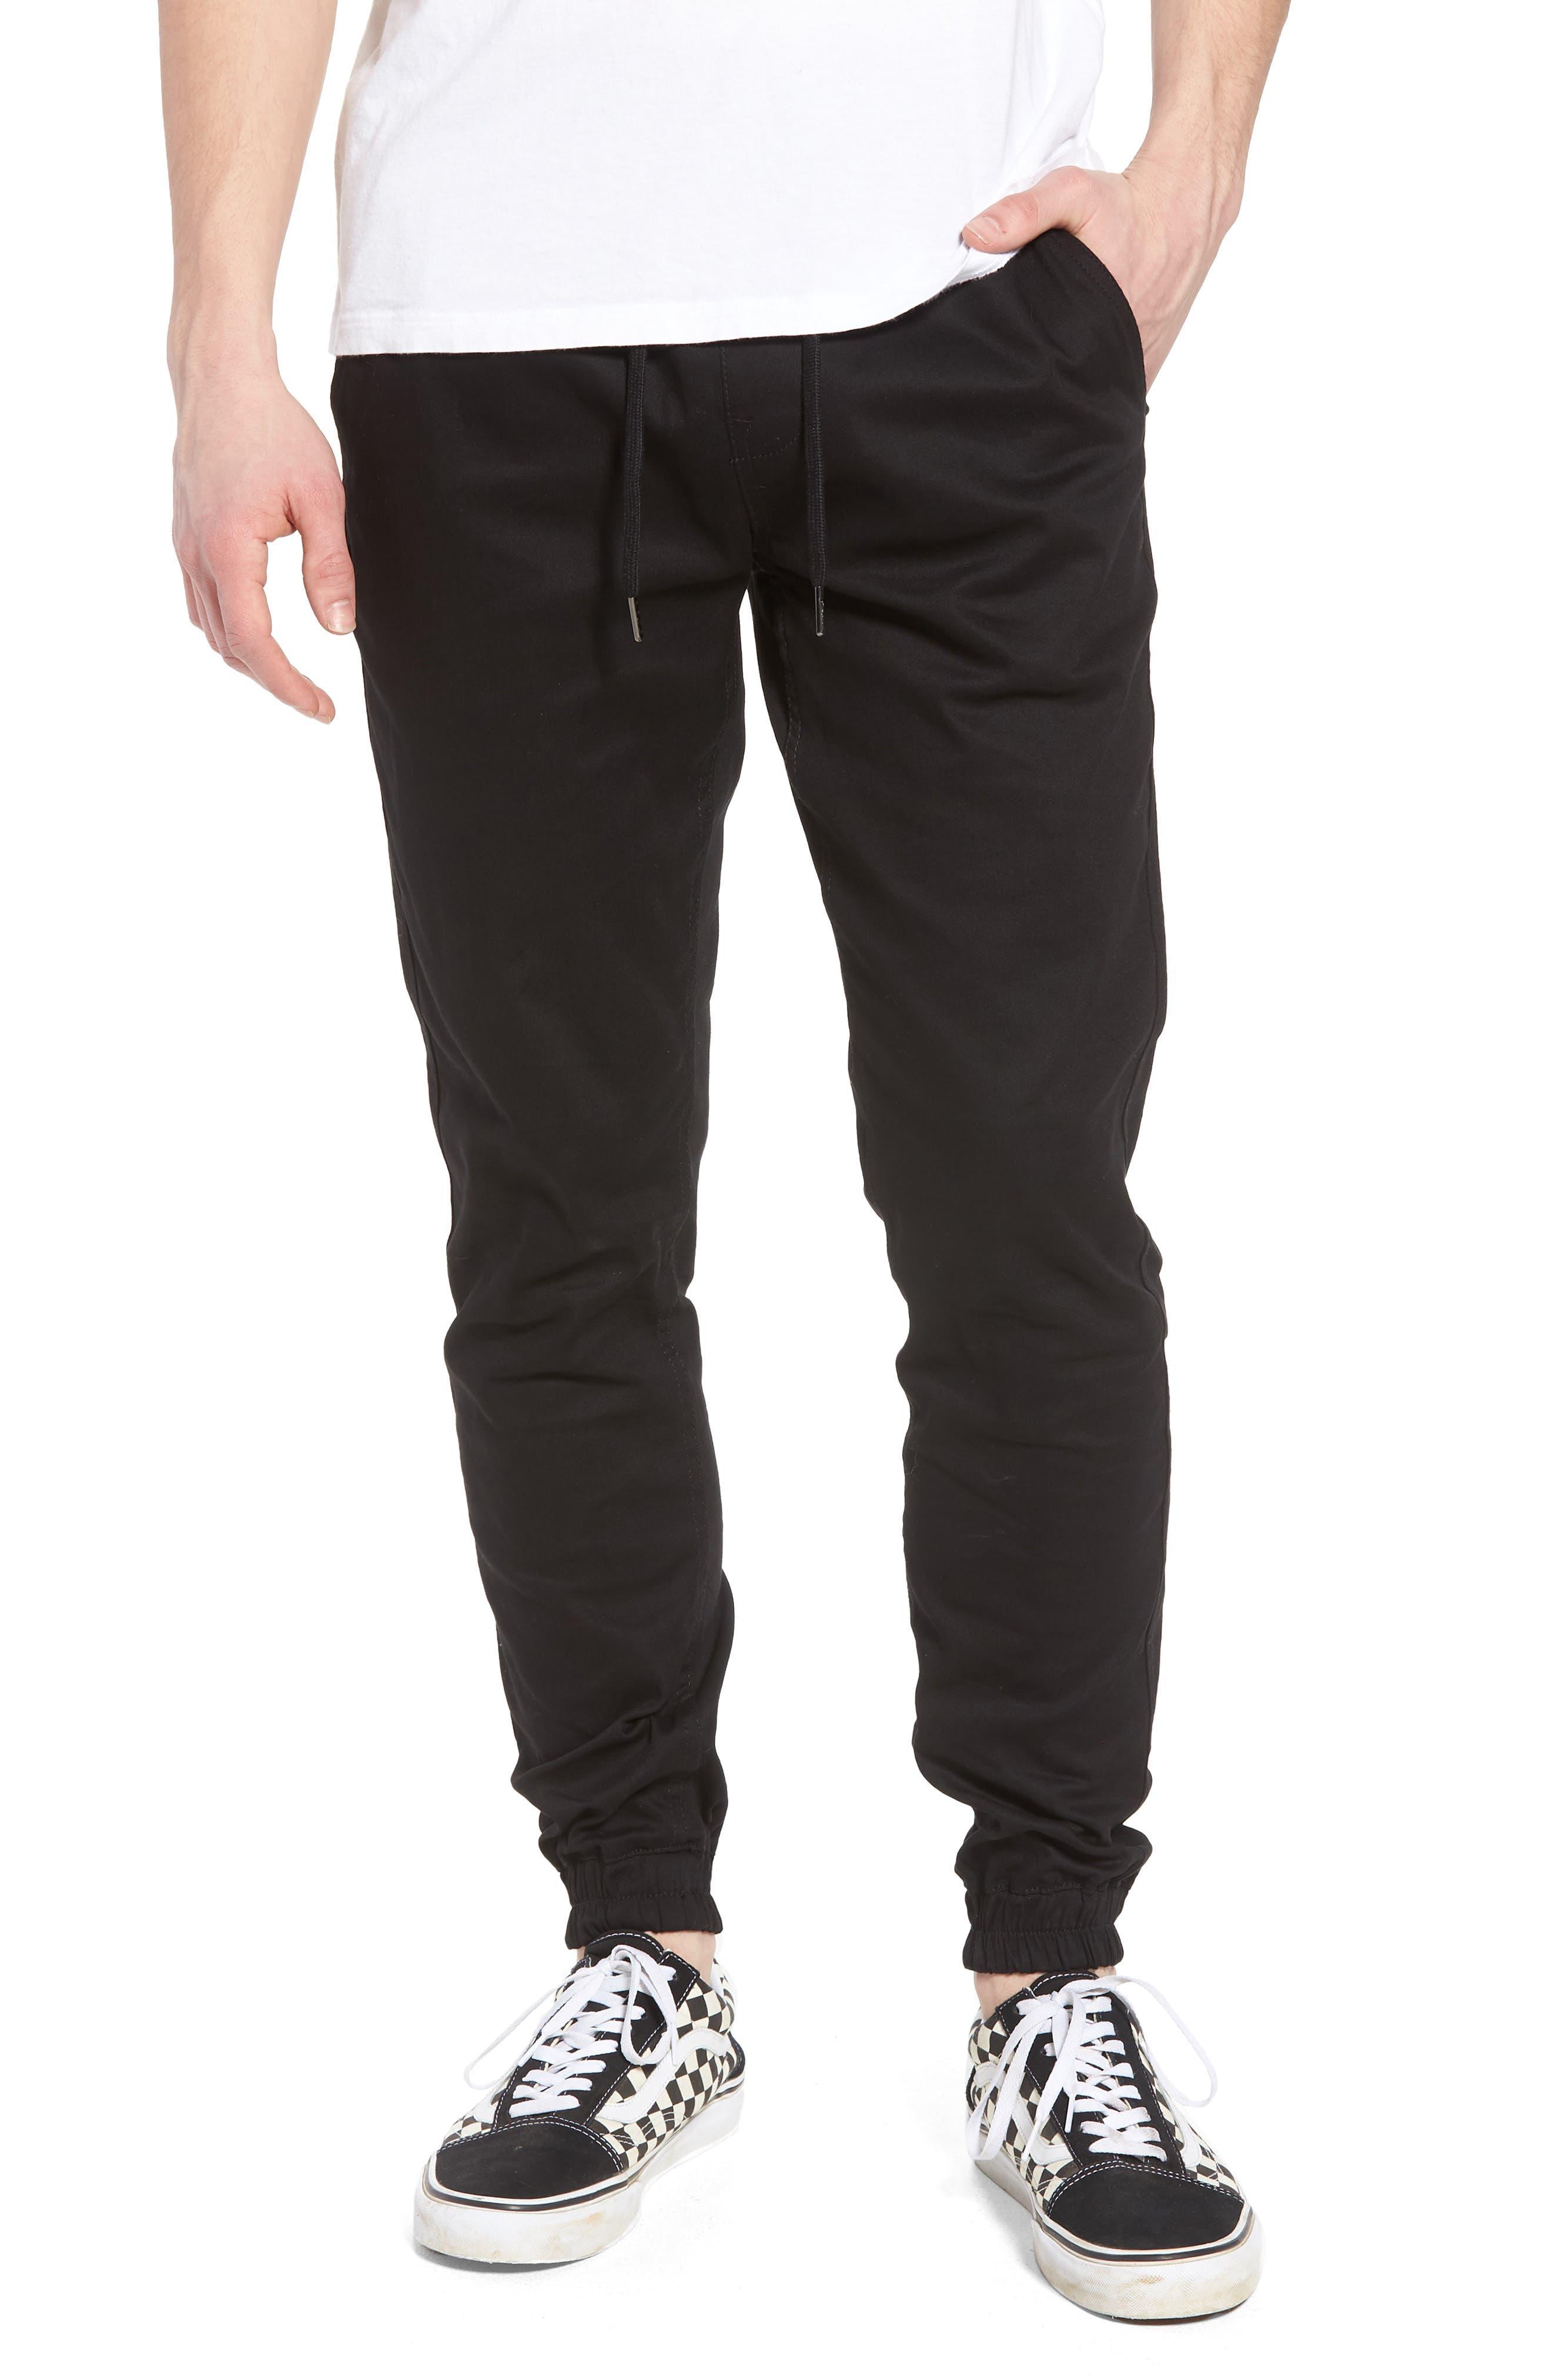 Runner Slim Fit Jogger Pants,                         Main,                         color, Black